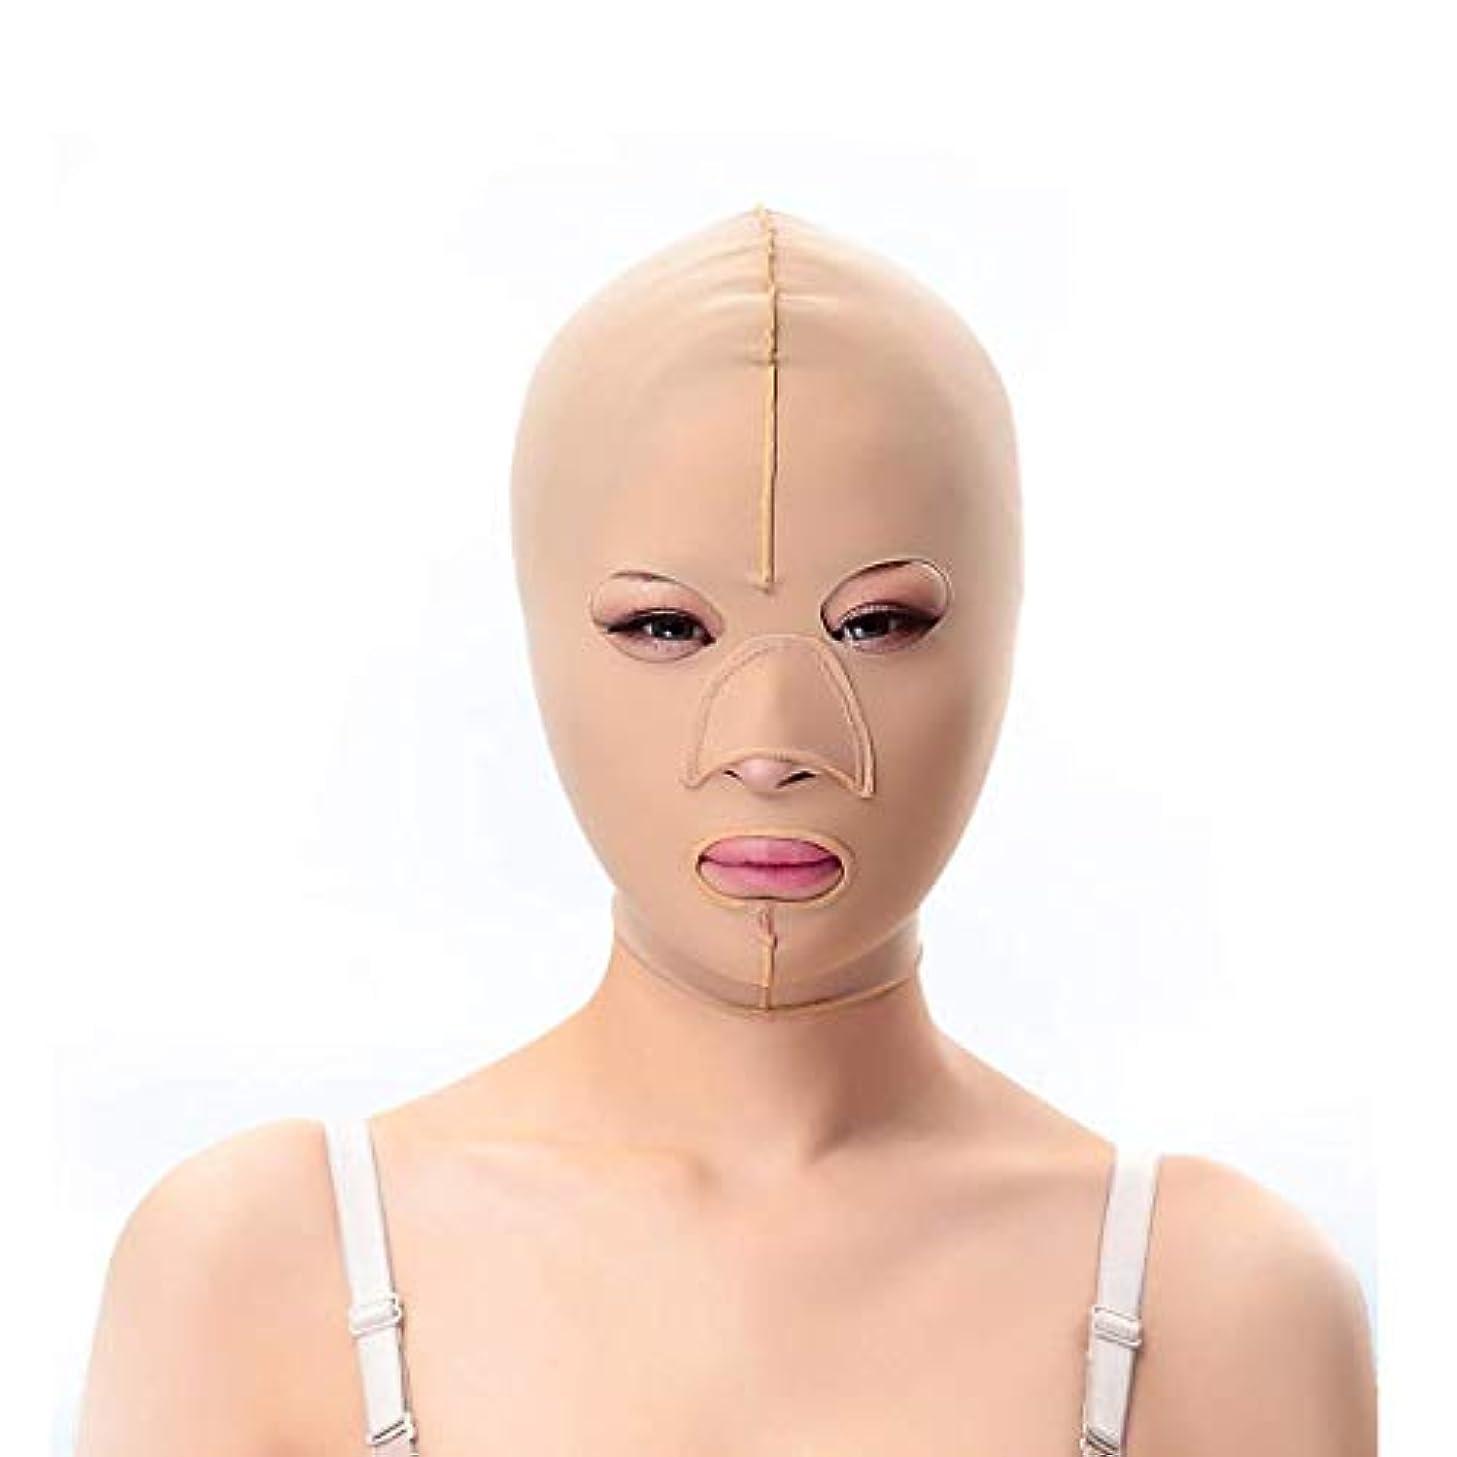 うまくいけば強度チケットスリミングベルト、フェイシャルマスク薄いフェイスマスク布布パターンリフティングダブルあご引き締めフェイシャルプラスチック顔アーティファクト強力な顔包帯(サイズ:M)